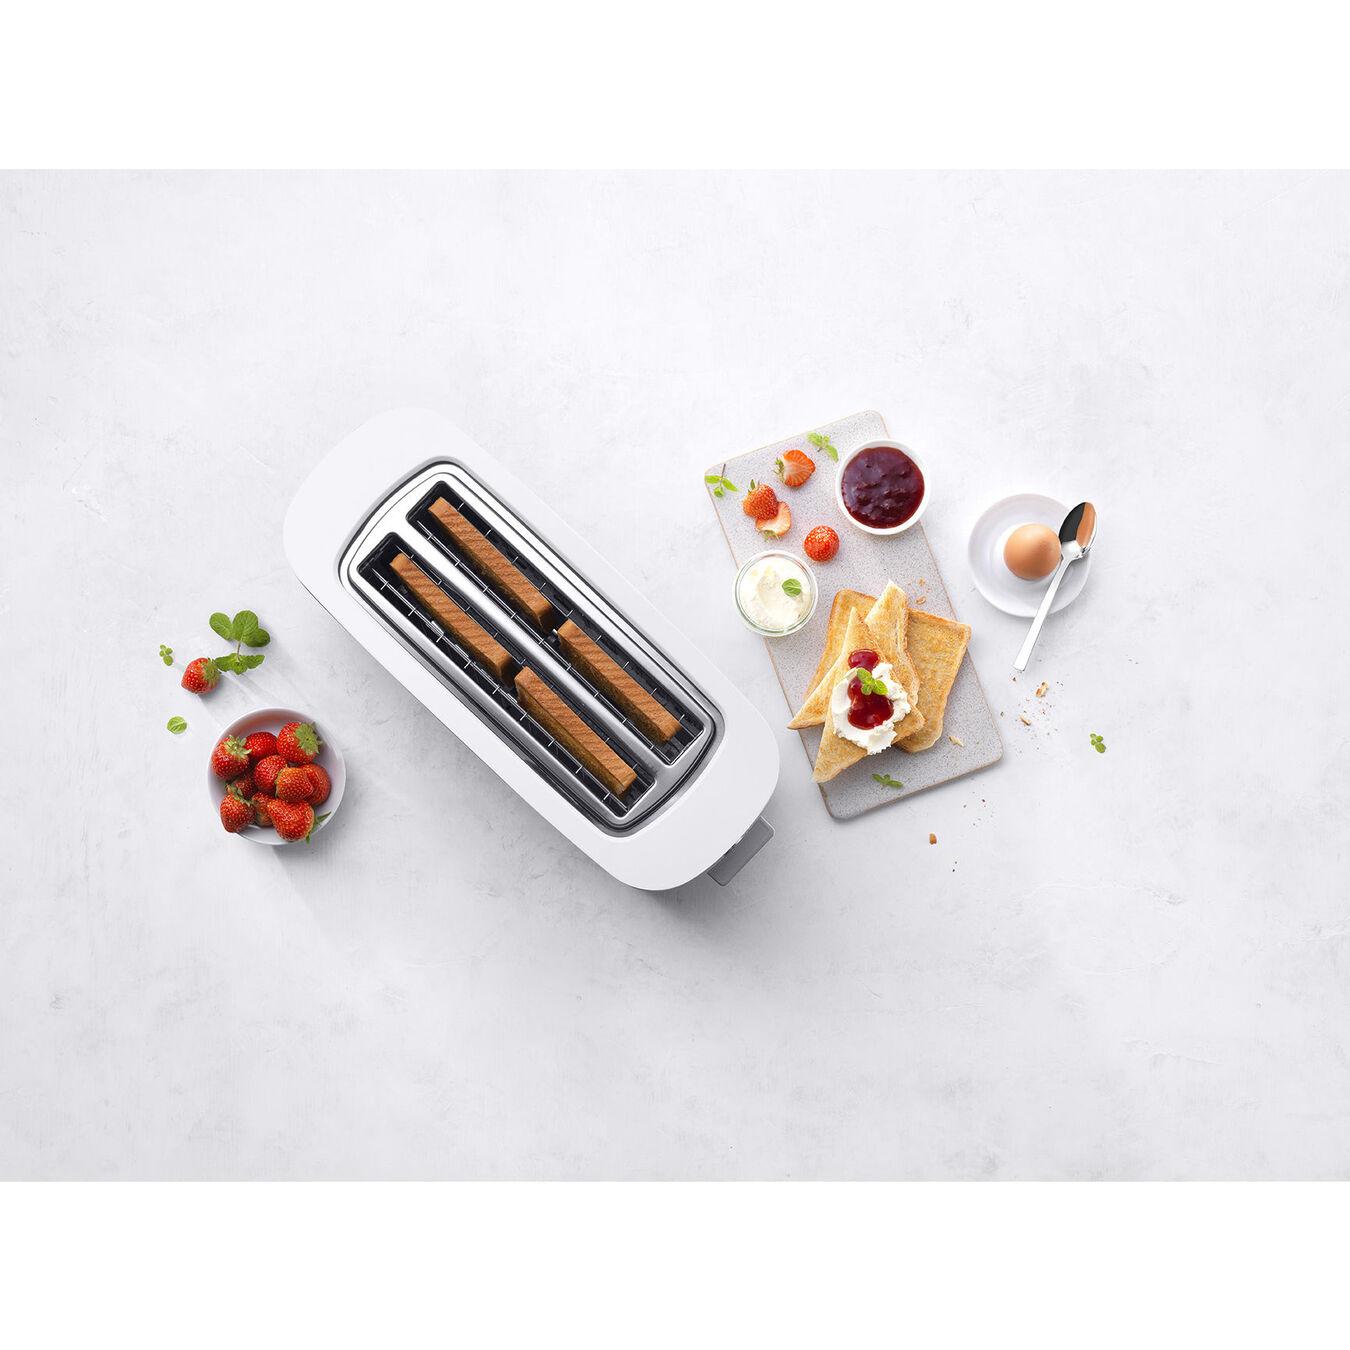 Grille pain Grille permettant de réchauffer des petits-pains, 2 long slots, Argent,,large 4